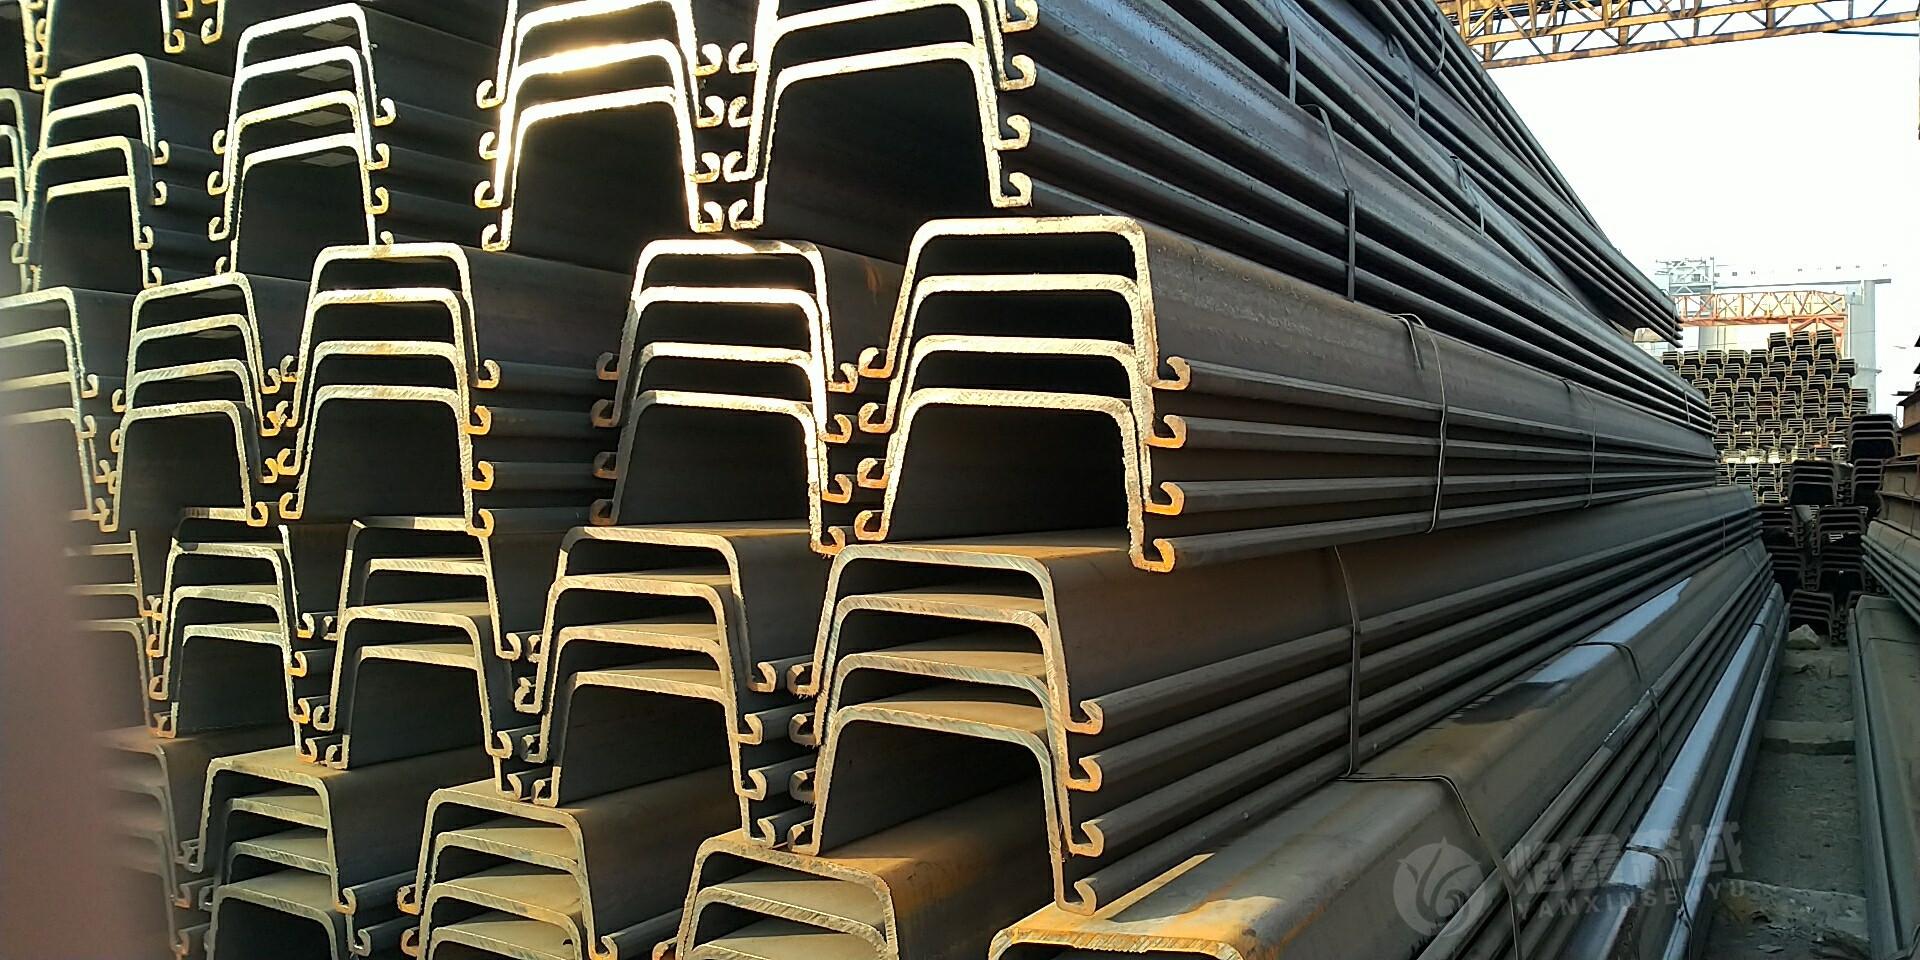 【浙江】拉森钢板桩施工的要求及顺序分别是什么?